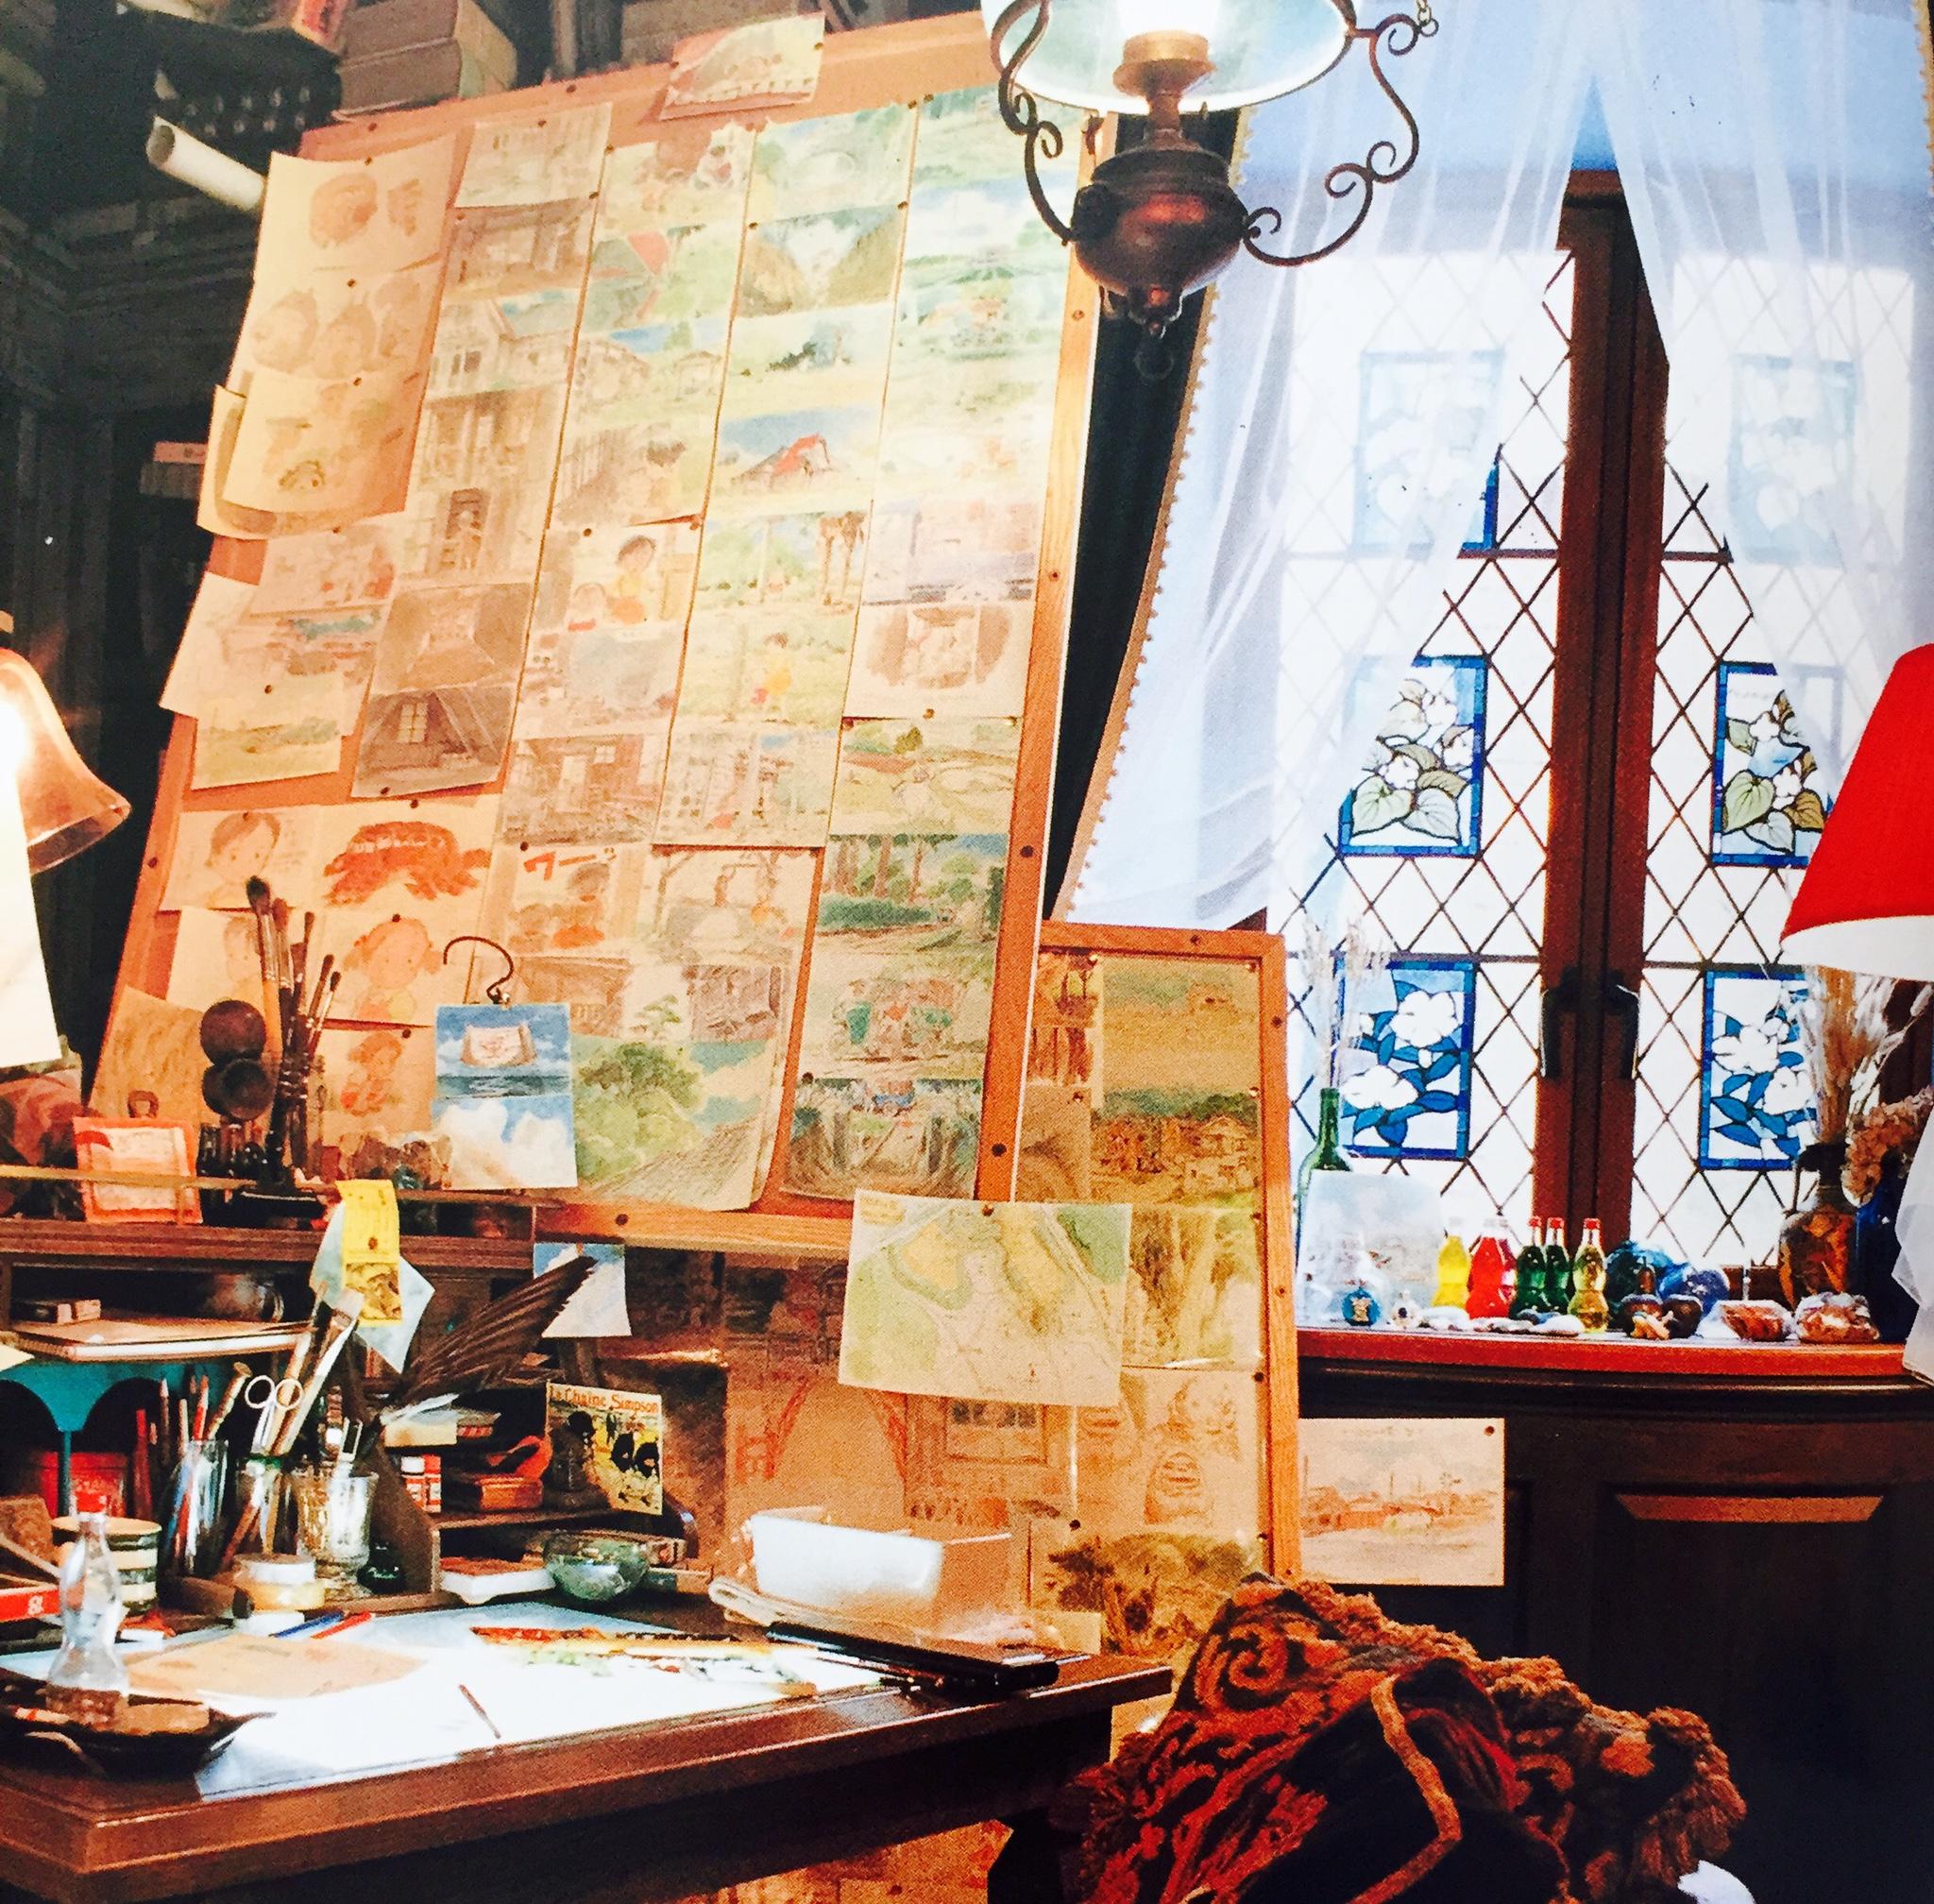 """The animator's """"workshop"""" - pretty cozy!"""